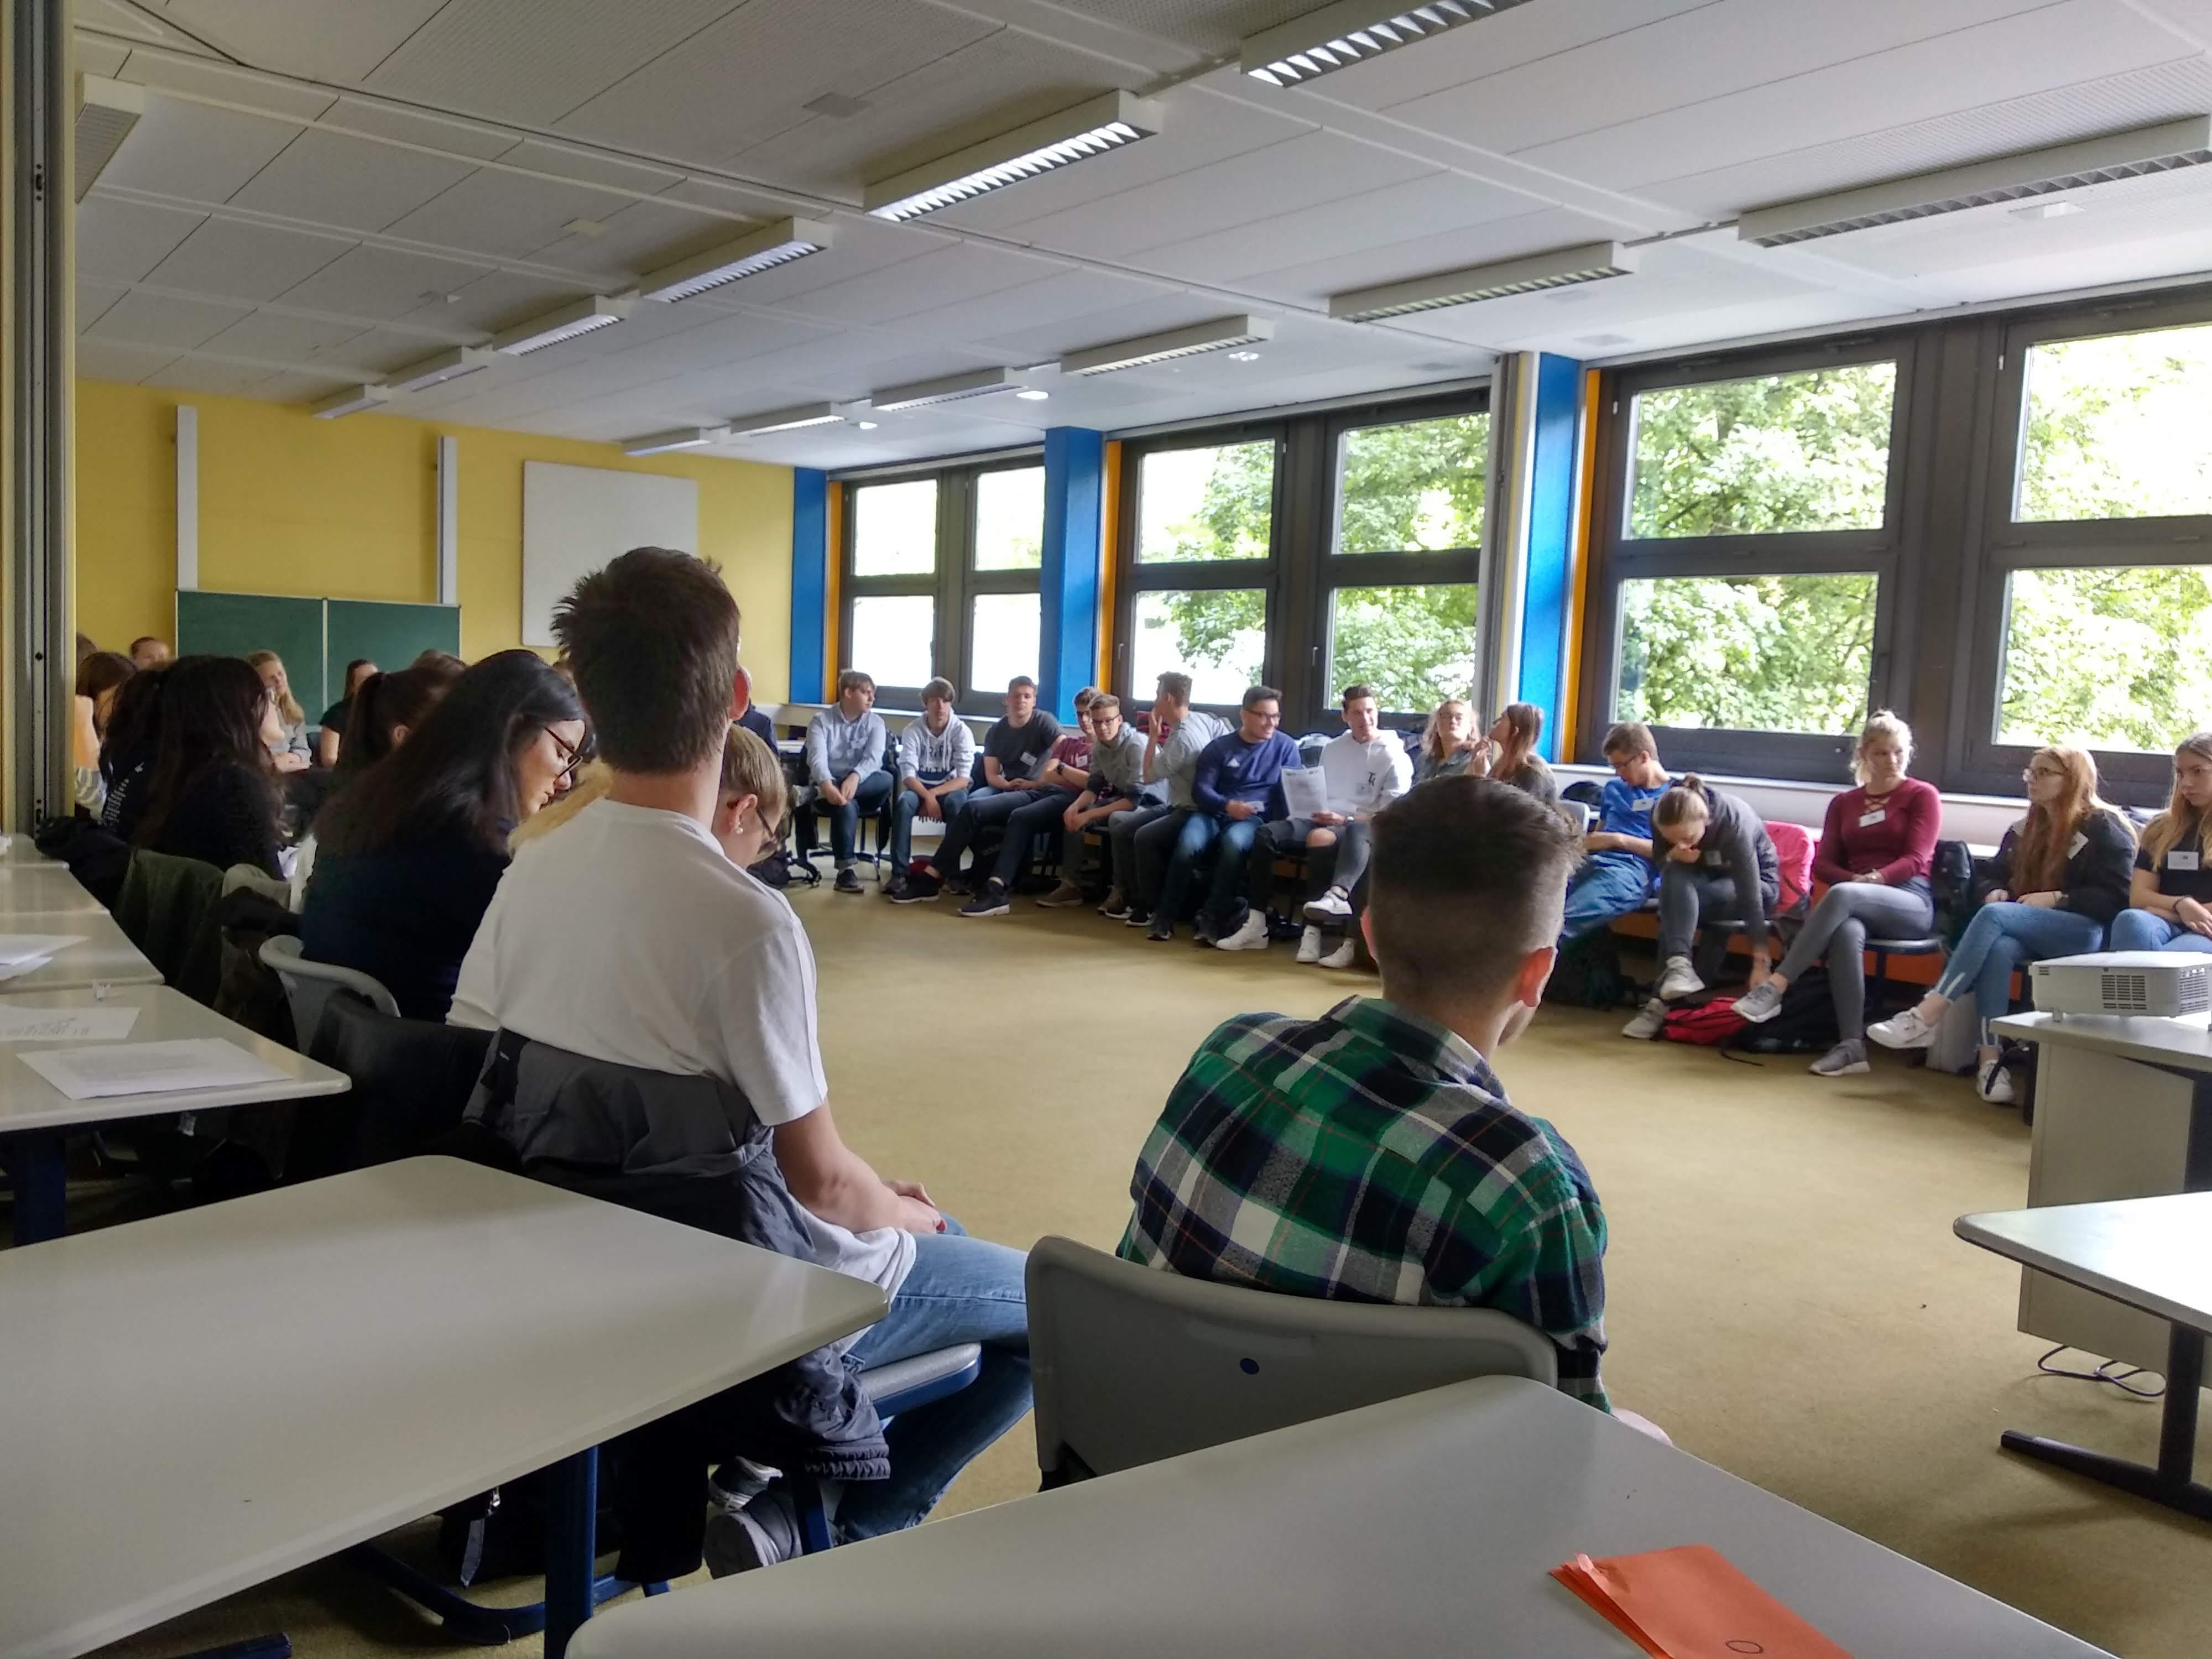 Im Plenum wurde heiß diskutiert, was Europa für die Schüler_innen bedeutet. (Zukunftswerkstatt für Jugendliche in Werne, 09.07.2019.)